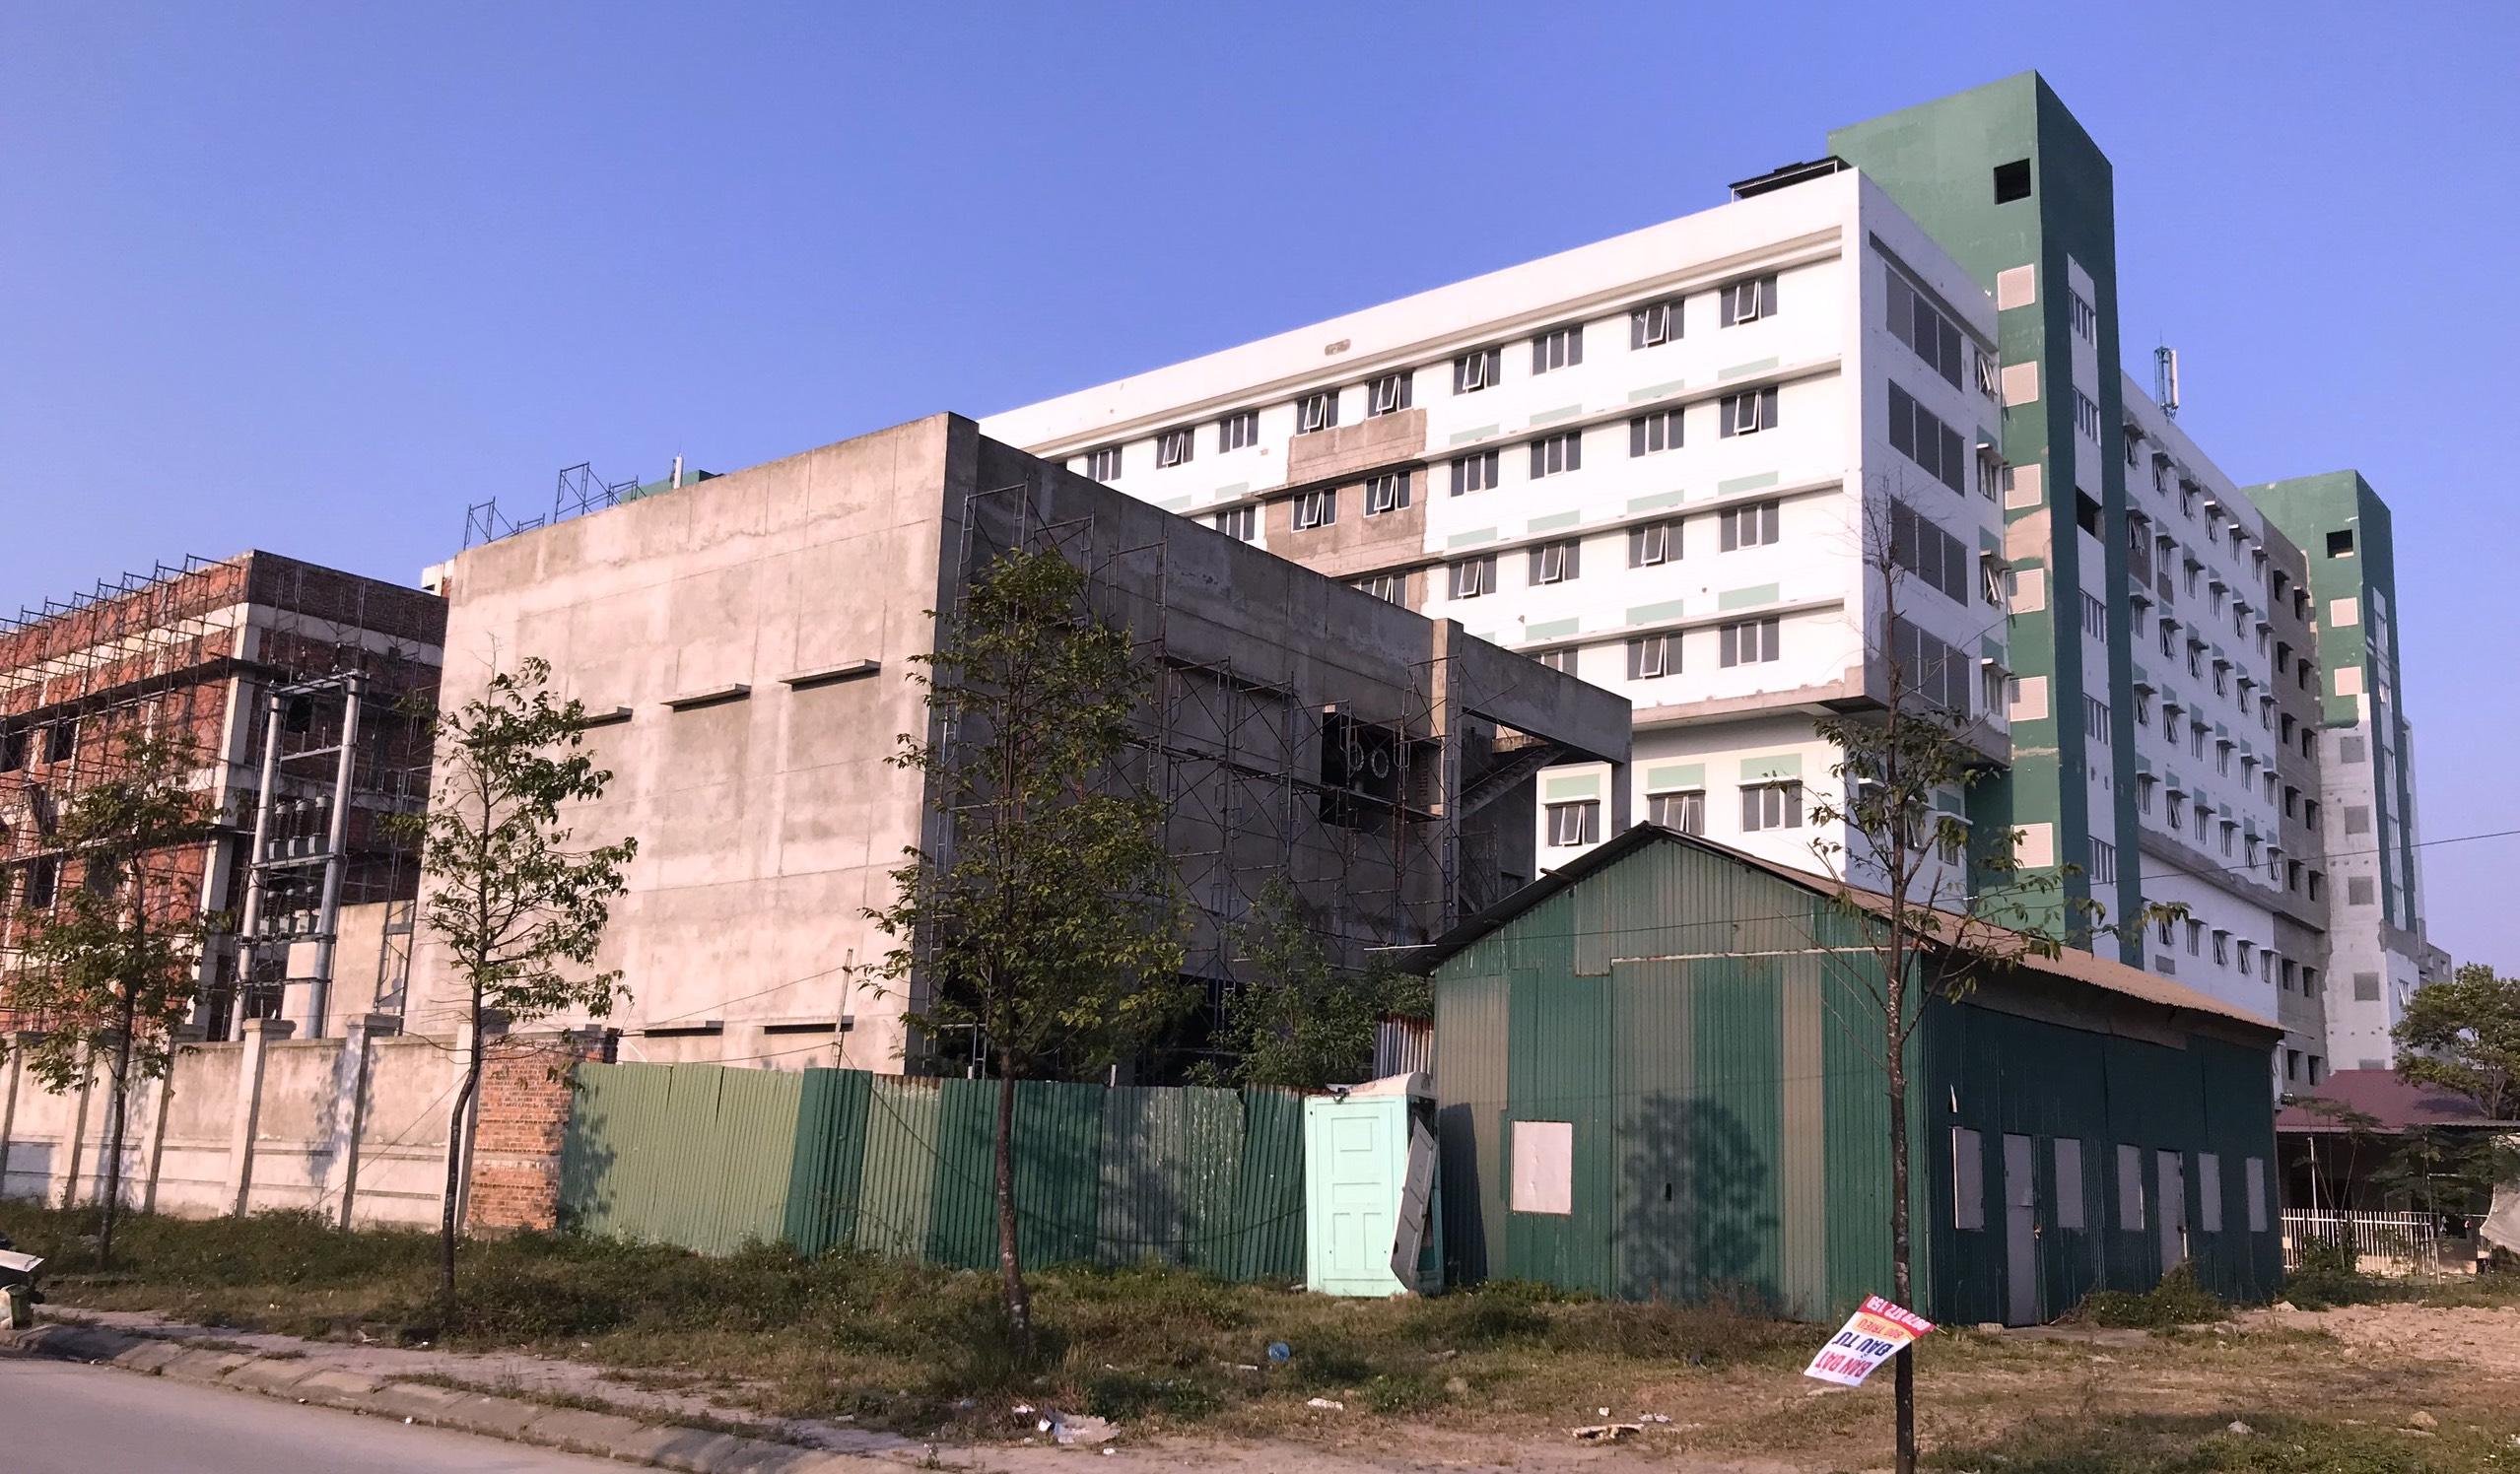 Cảnh nhếch nhác, cỏ mọc um tùm trong dự án bệnh viện nghìn tỷ lớn nhất Bắc Trung Bộ - Ảnh 6.